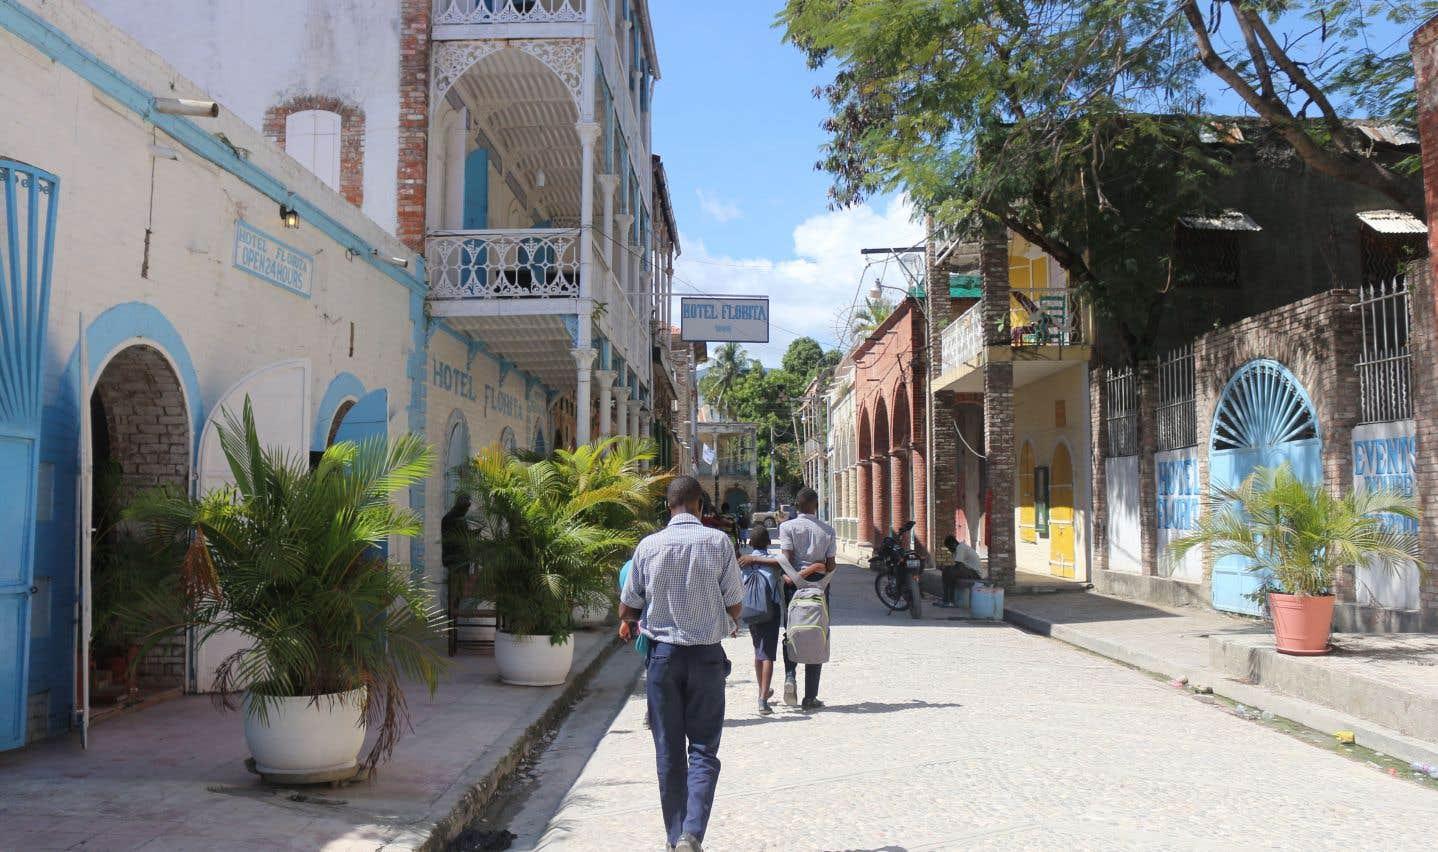 La rue du Commerce, où se trouve quelques restos prisés par les touristes, dont l'emblématique Hotel Florita et le Kafe Koze.